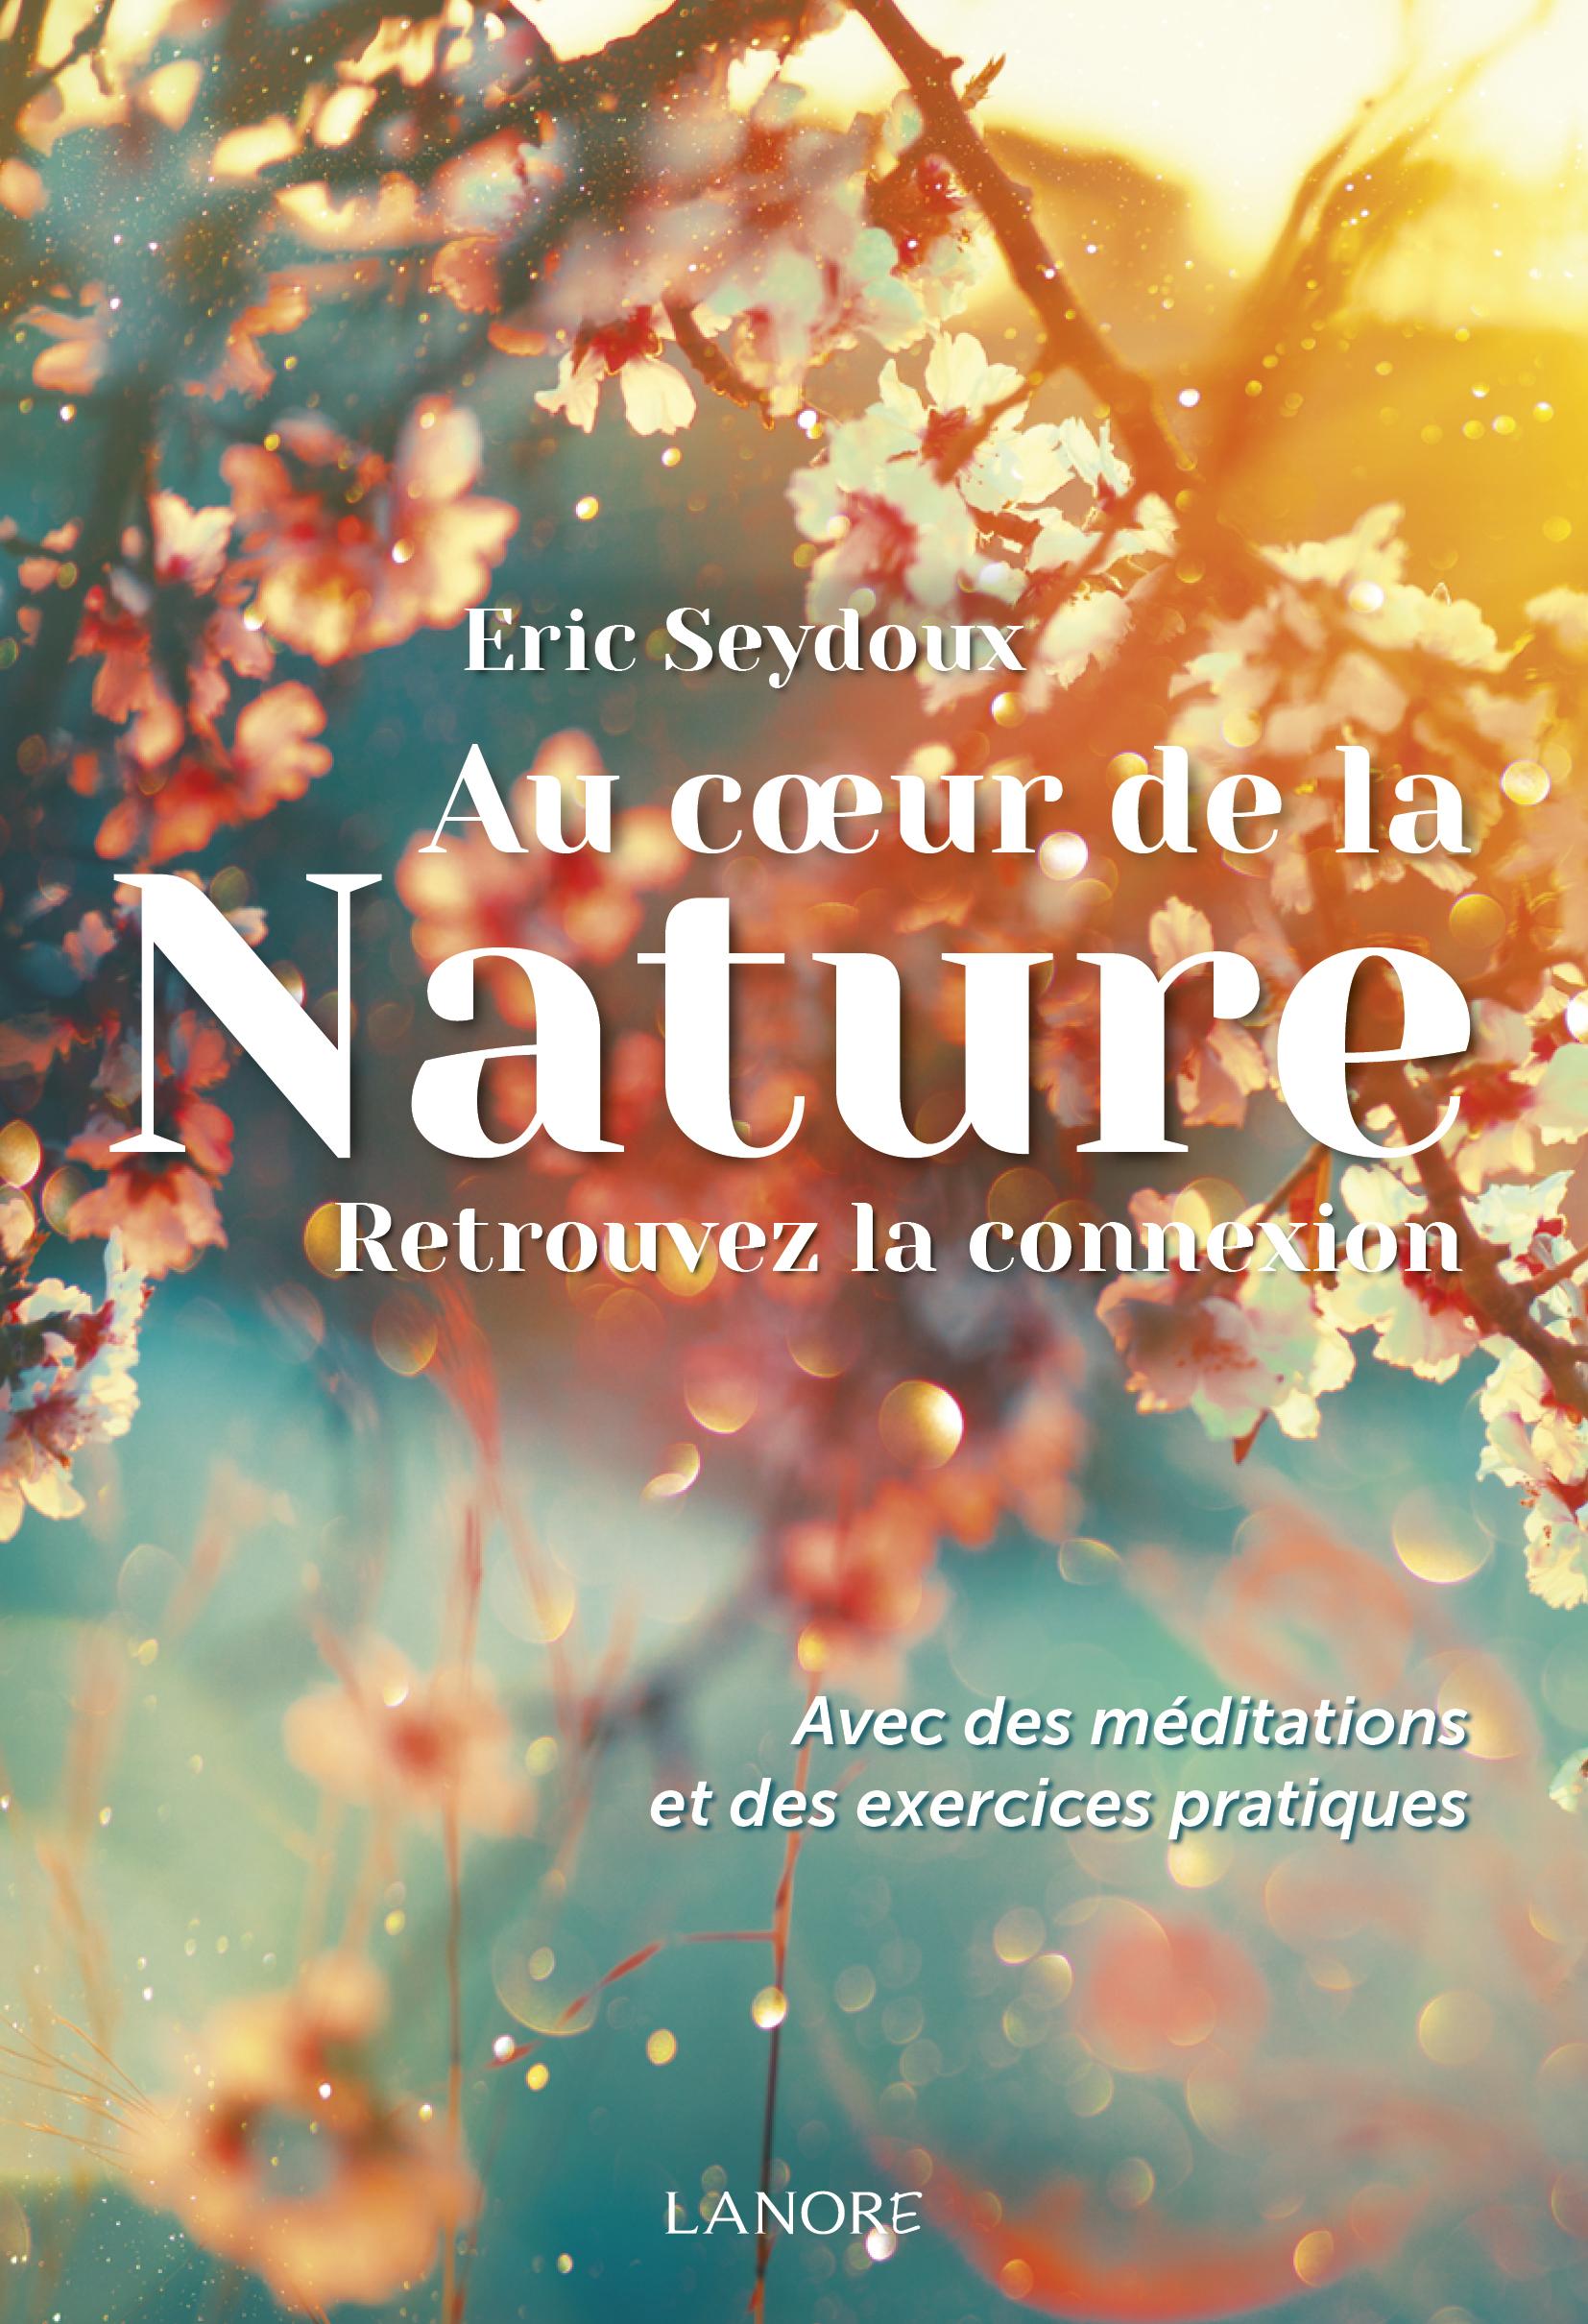 AU COEUR DE LA NATURE - RETROUVEZ LA CONNEXION